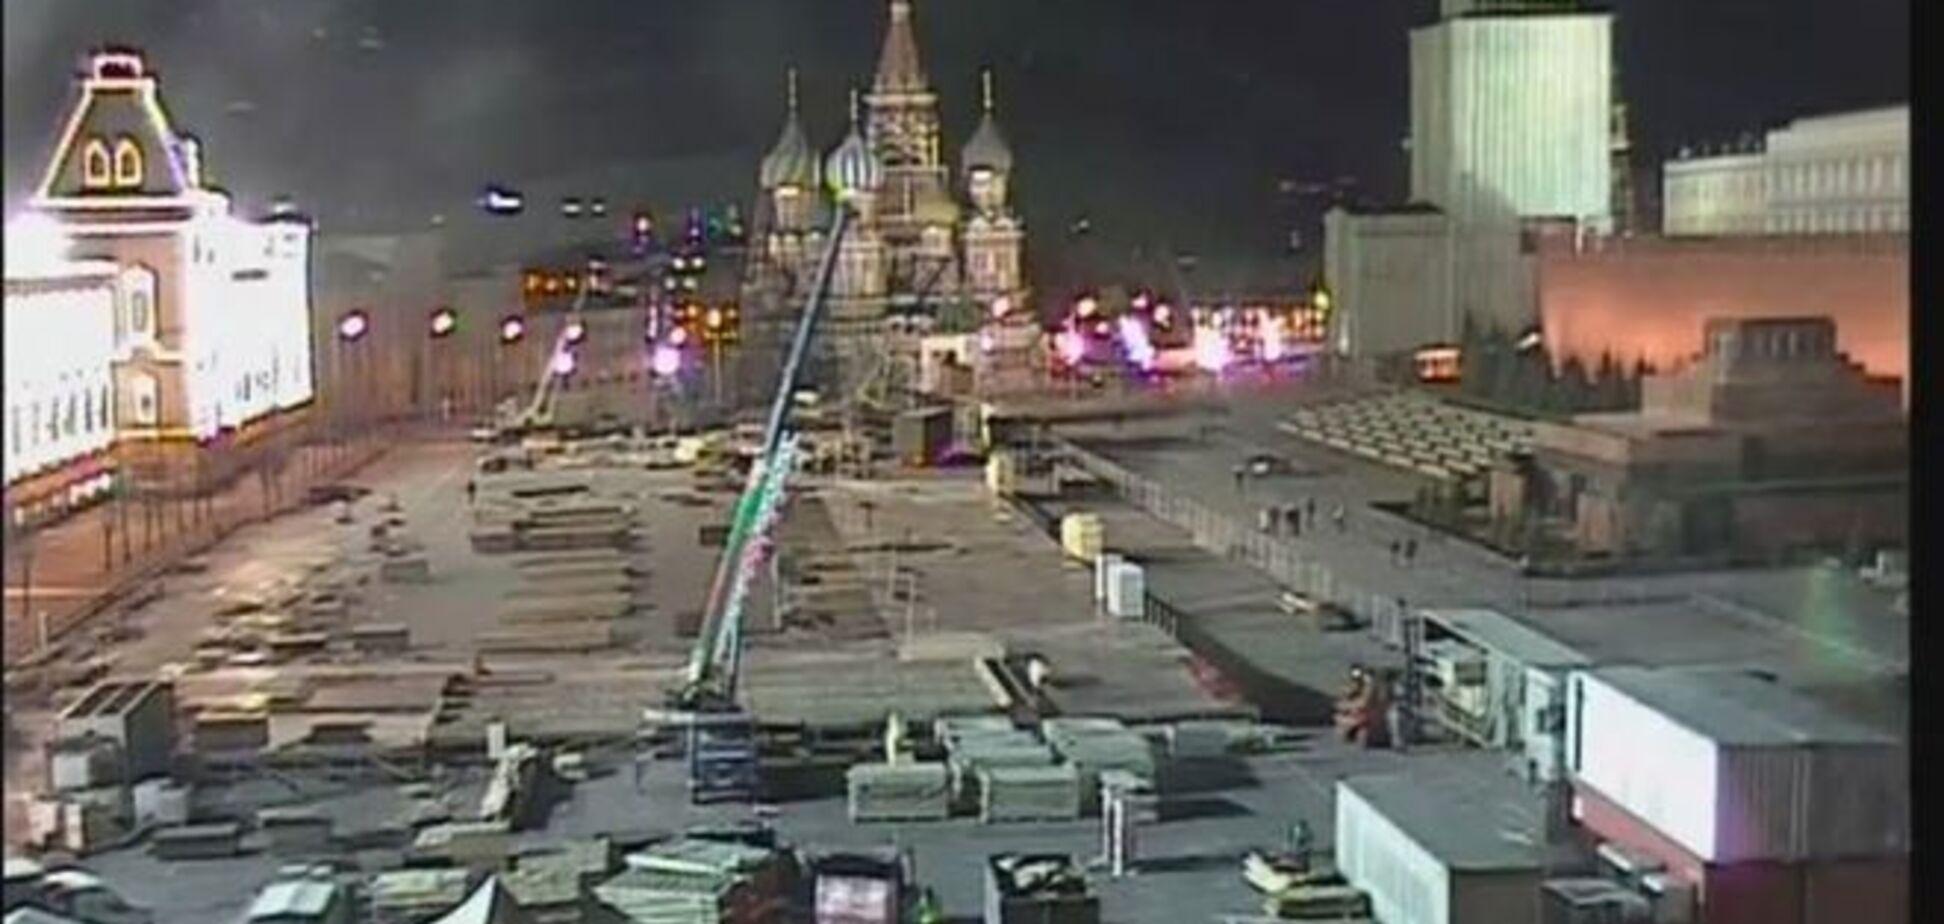 На Красной площади строят сцену: будут отмечать годовщину оккупации Крыма - соцсети